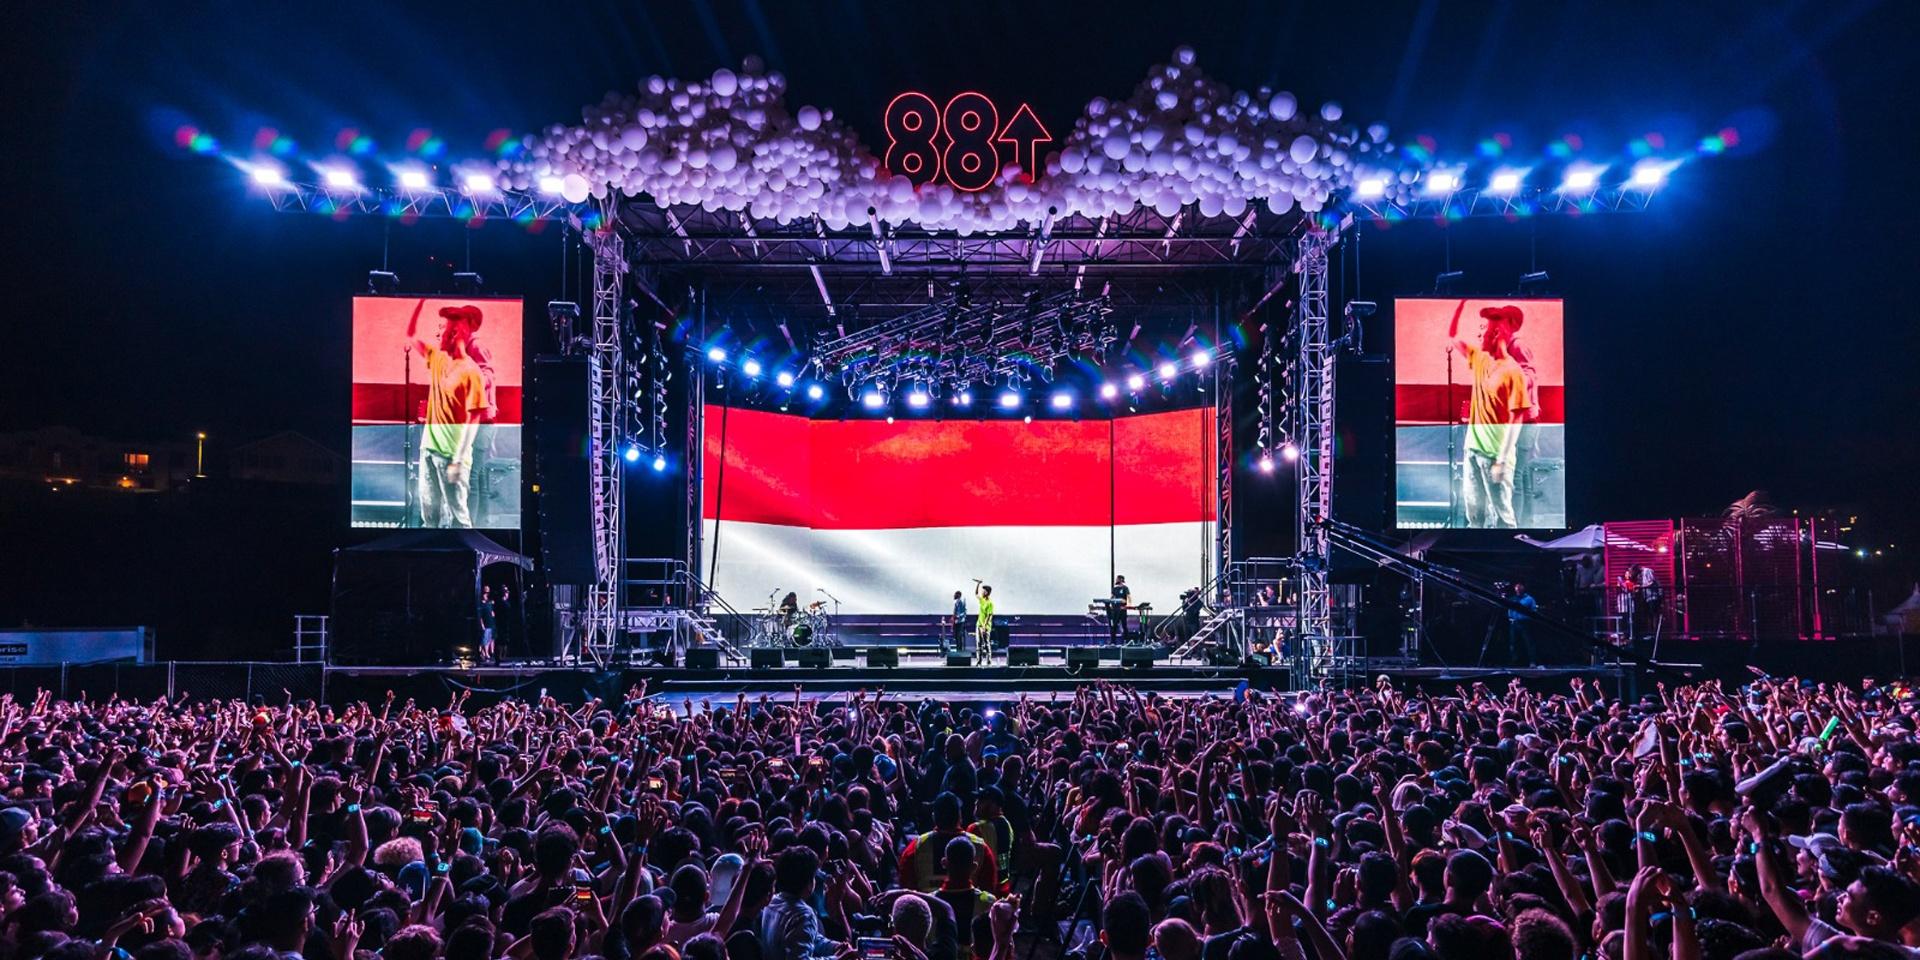 Konser Bakal Bisa Digelar Lagi di Indonesia: Sudahkan Siap?